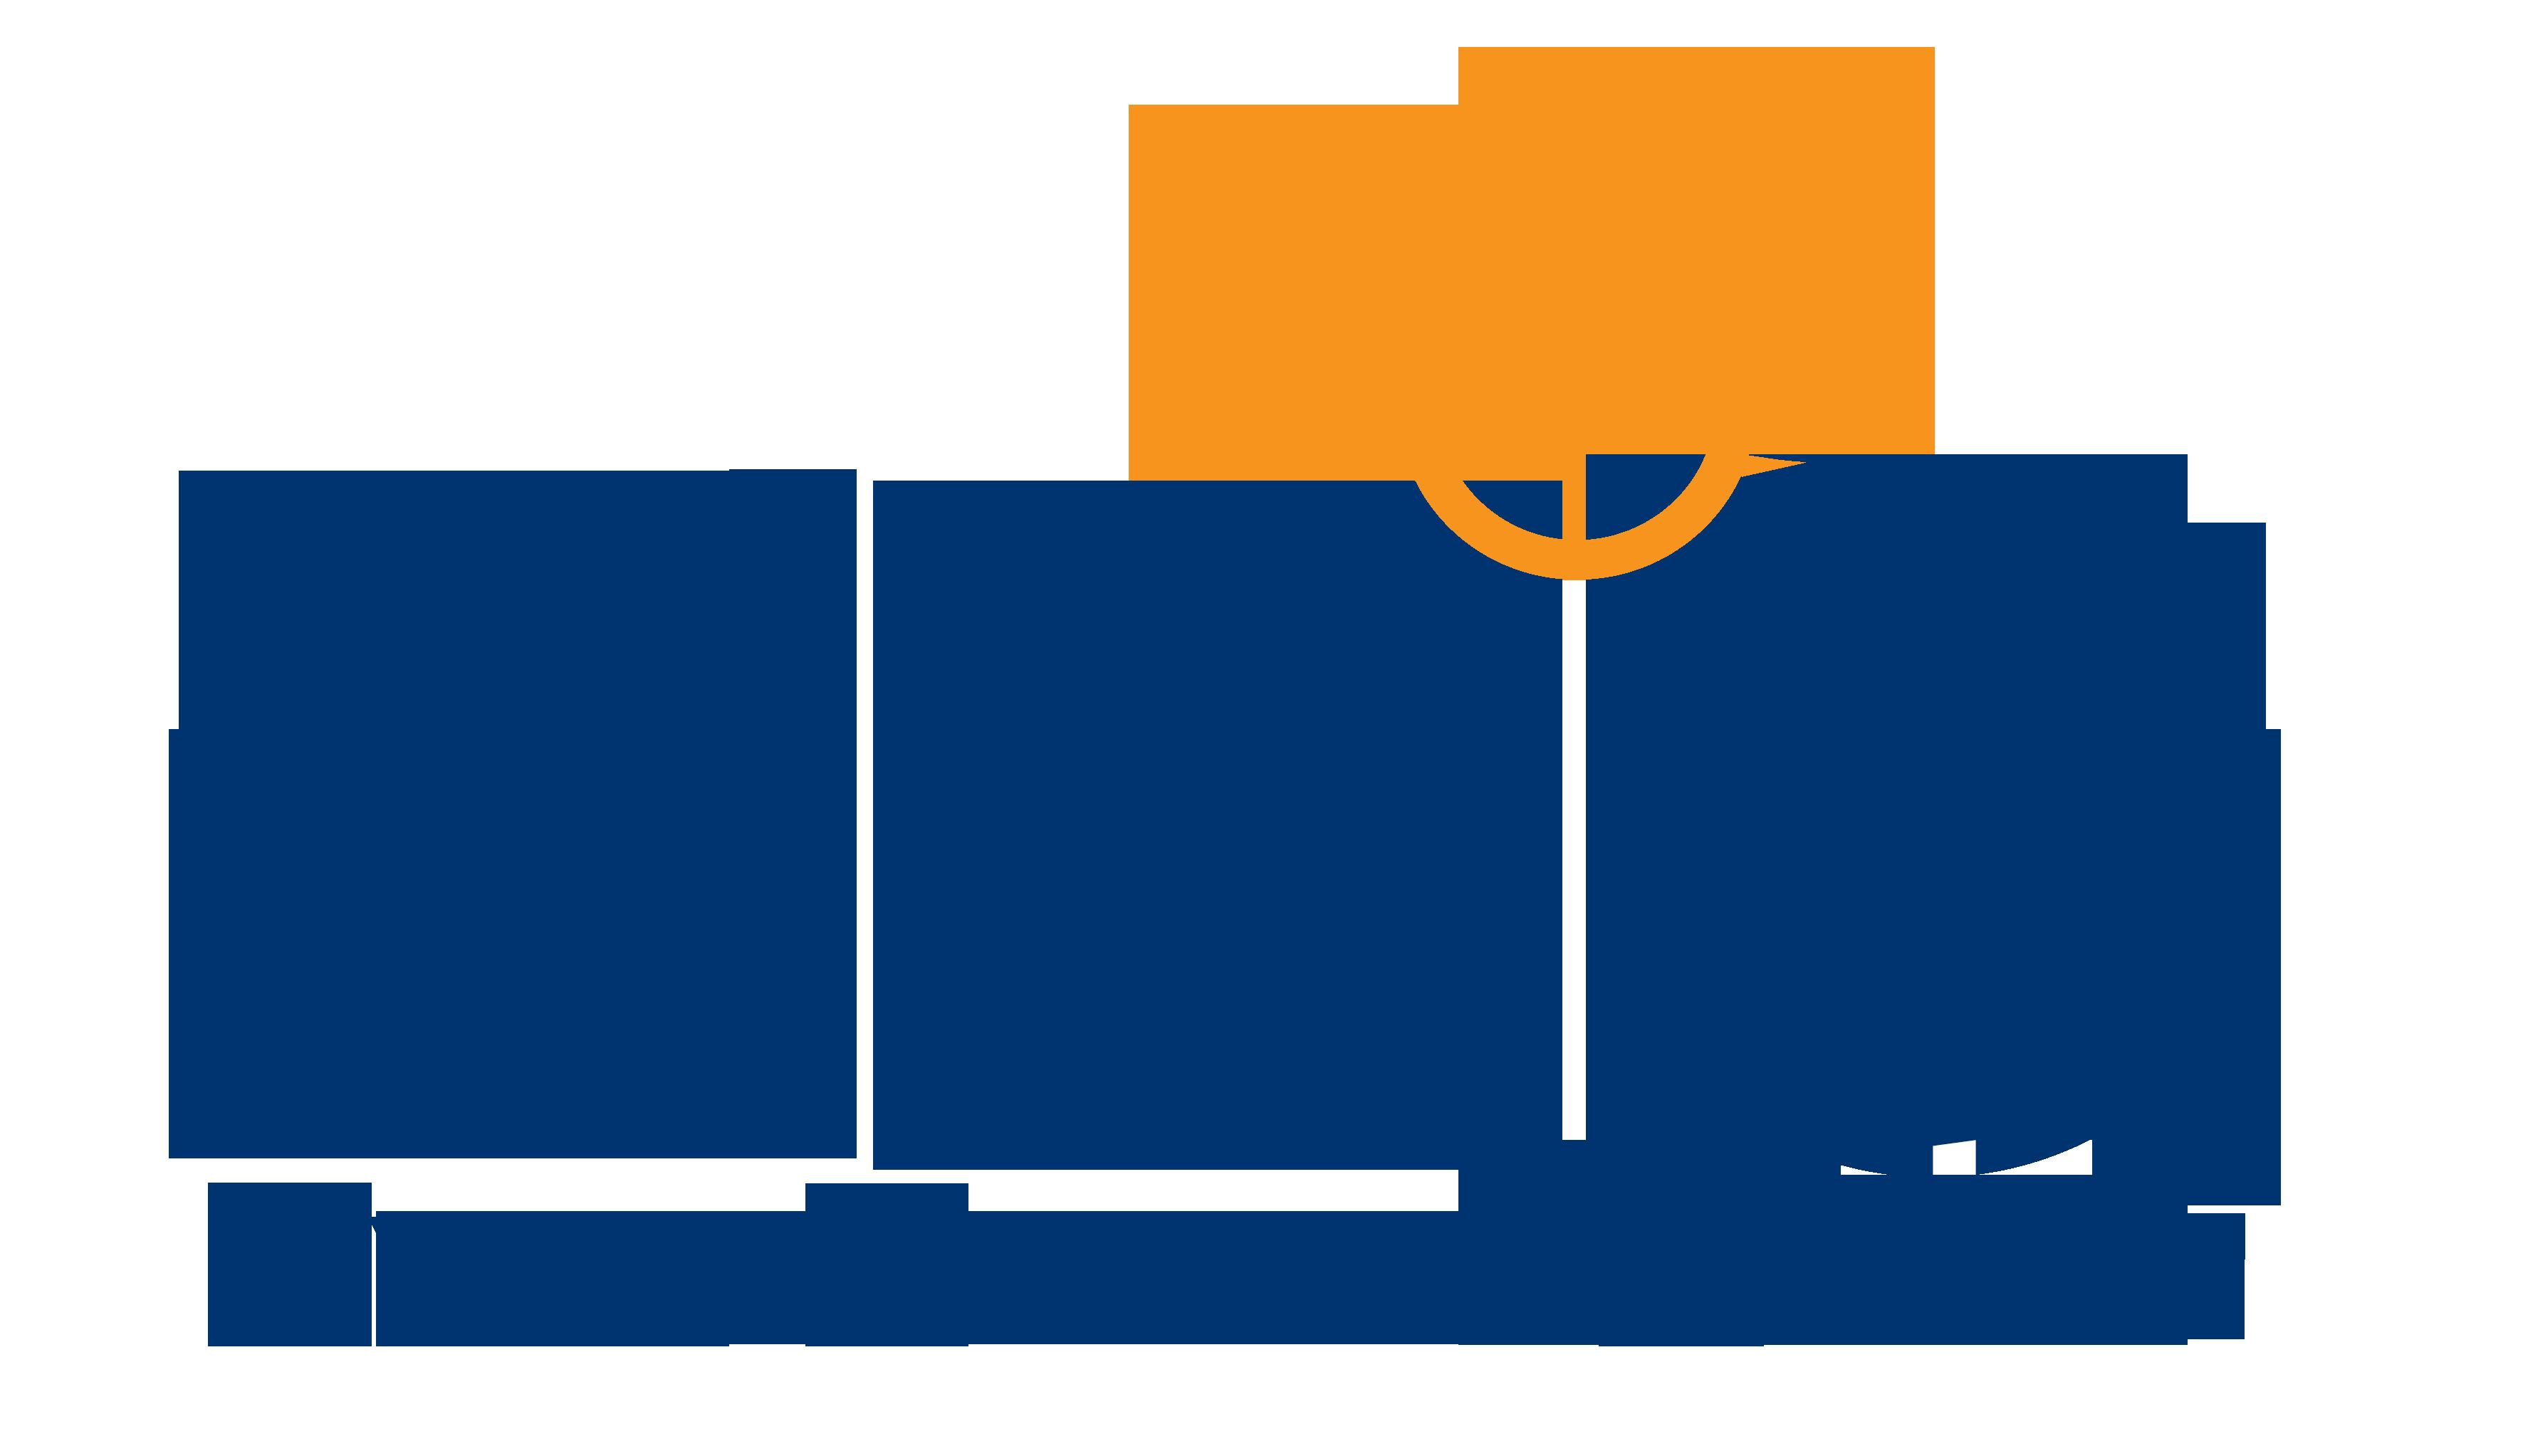 EVER GREEN SOLAR